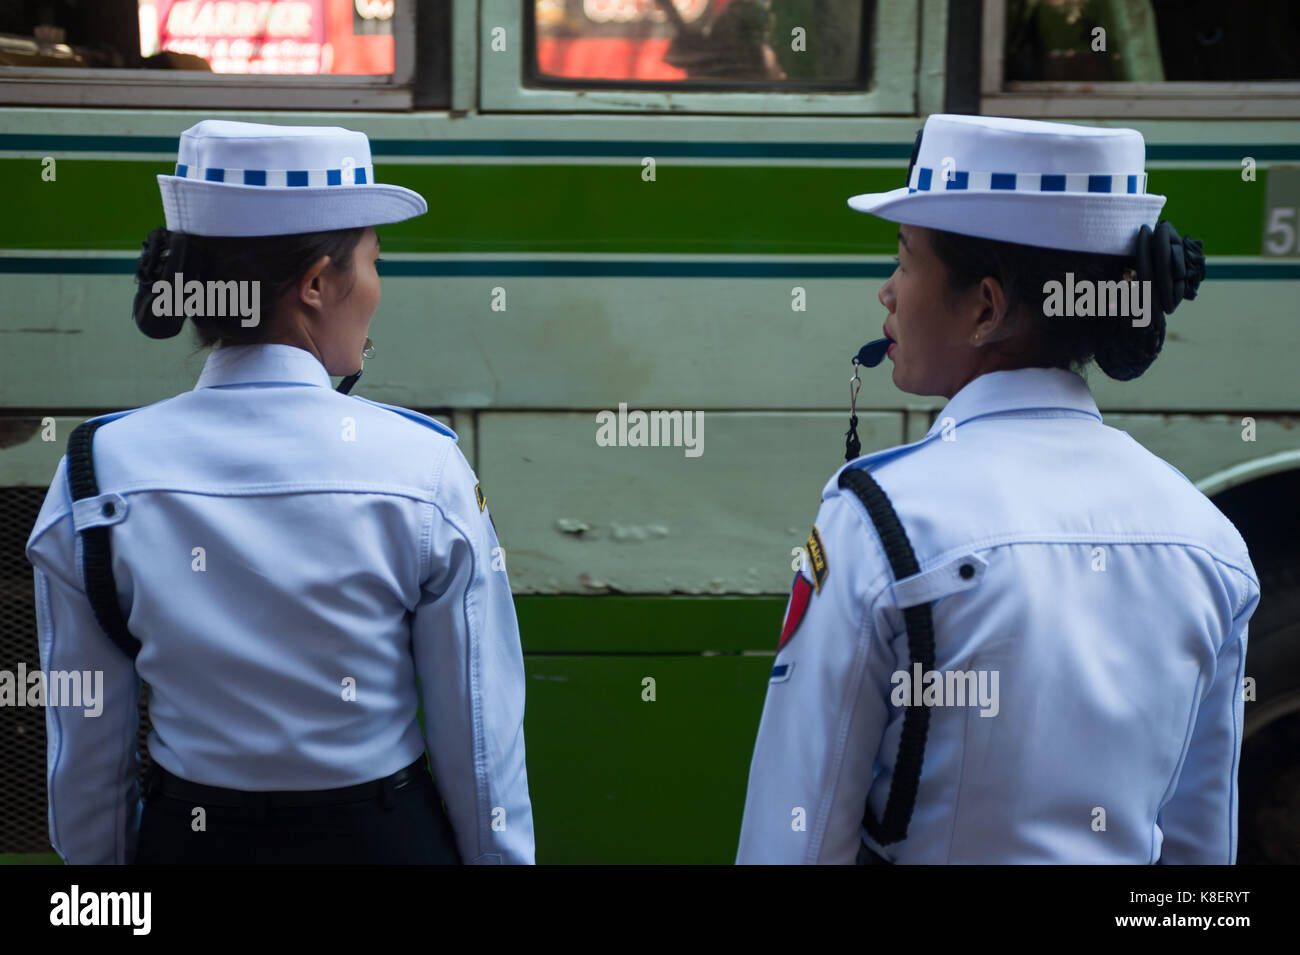 26.01.2017, Yangon, regione di Yangon, repubblica dell' Unione di Myanmar, asia - femmina di due funzionari Immagini Stock